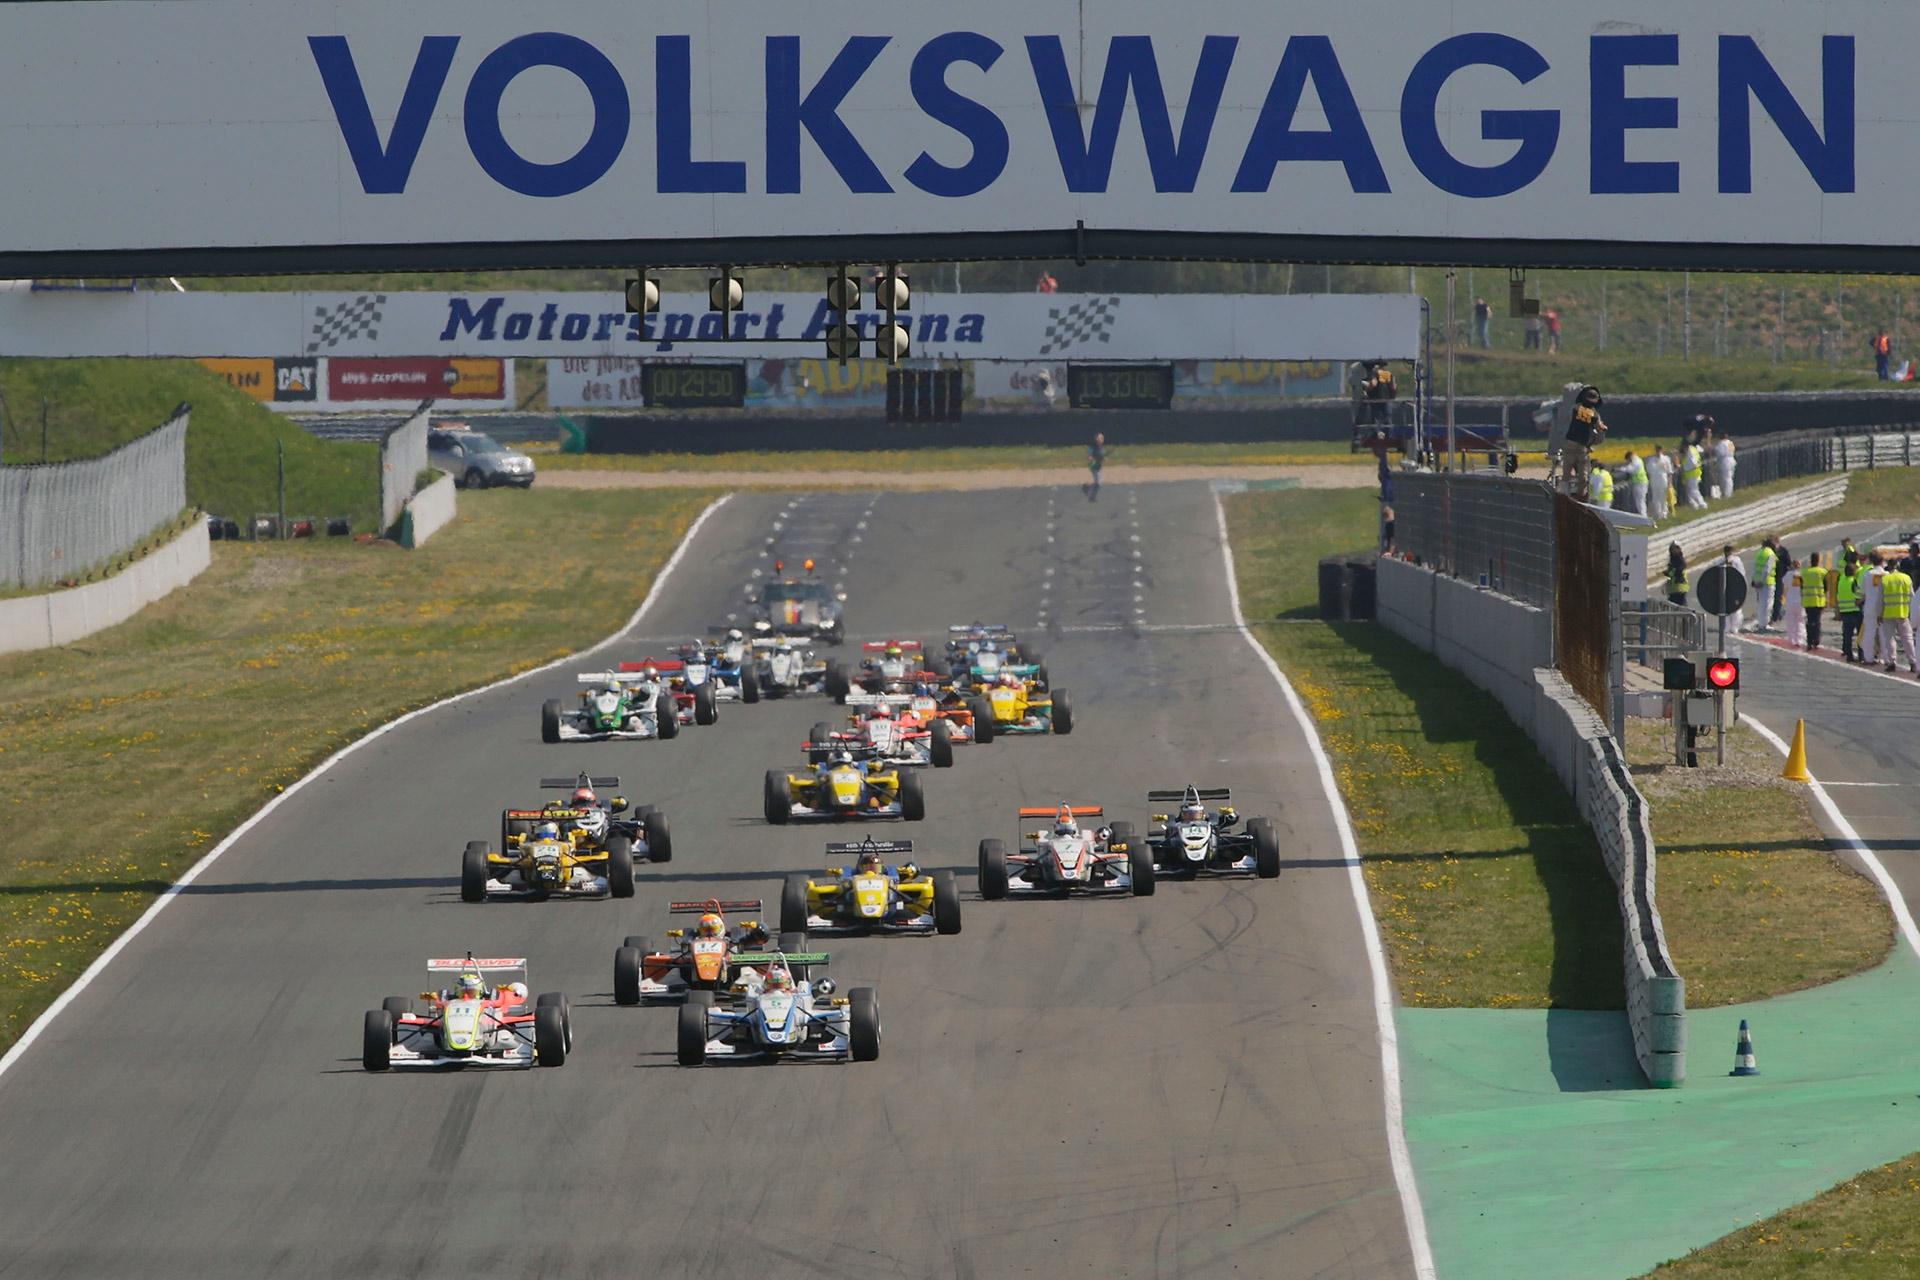 volkswagen-formula-3-1